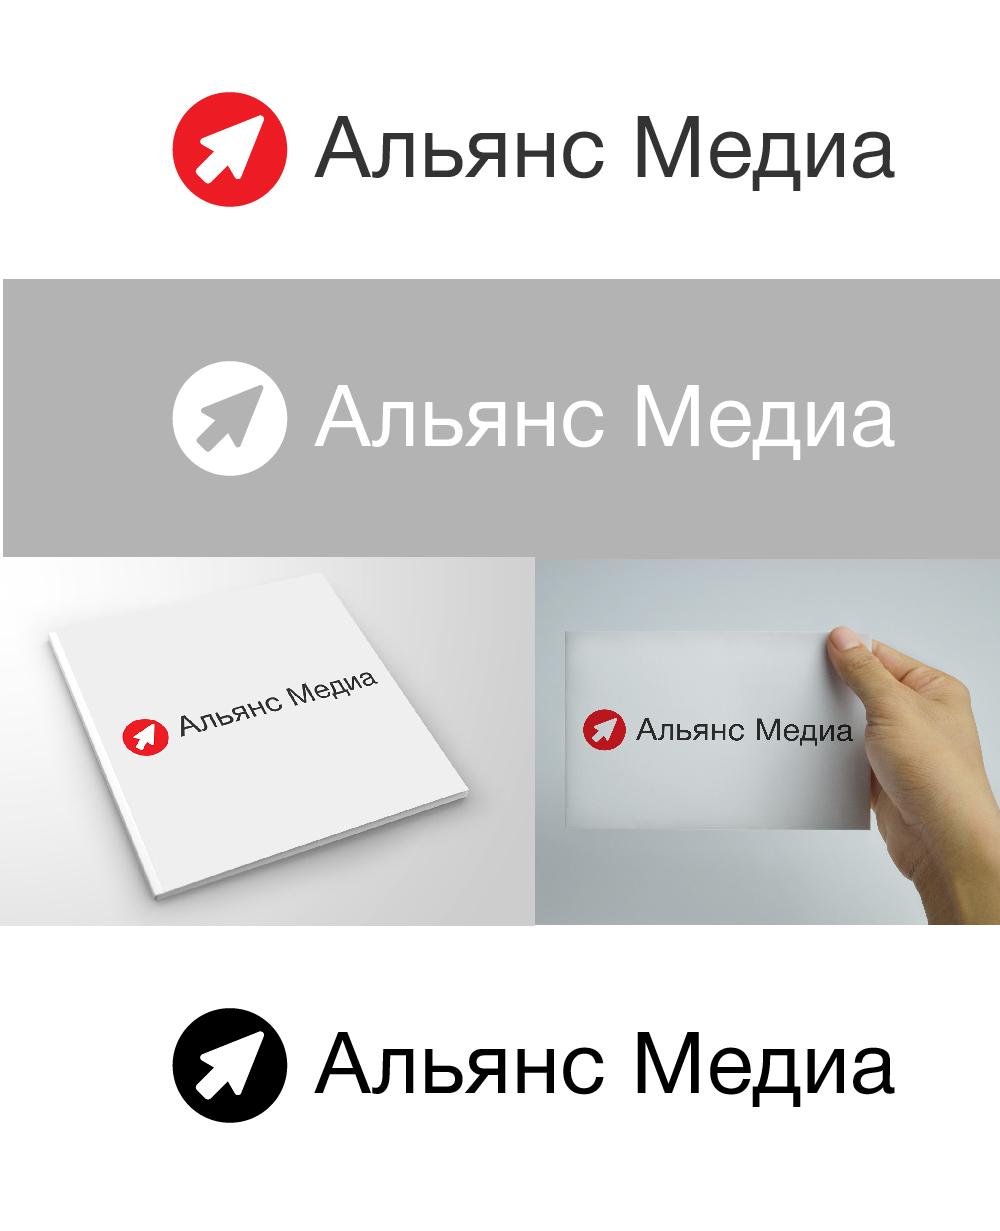 Создать логотип для компании фото f_4575ab13c43b656b.jpg